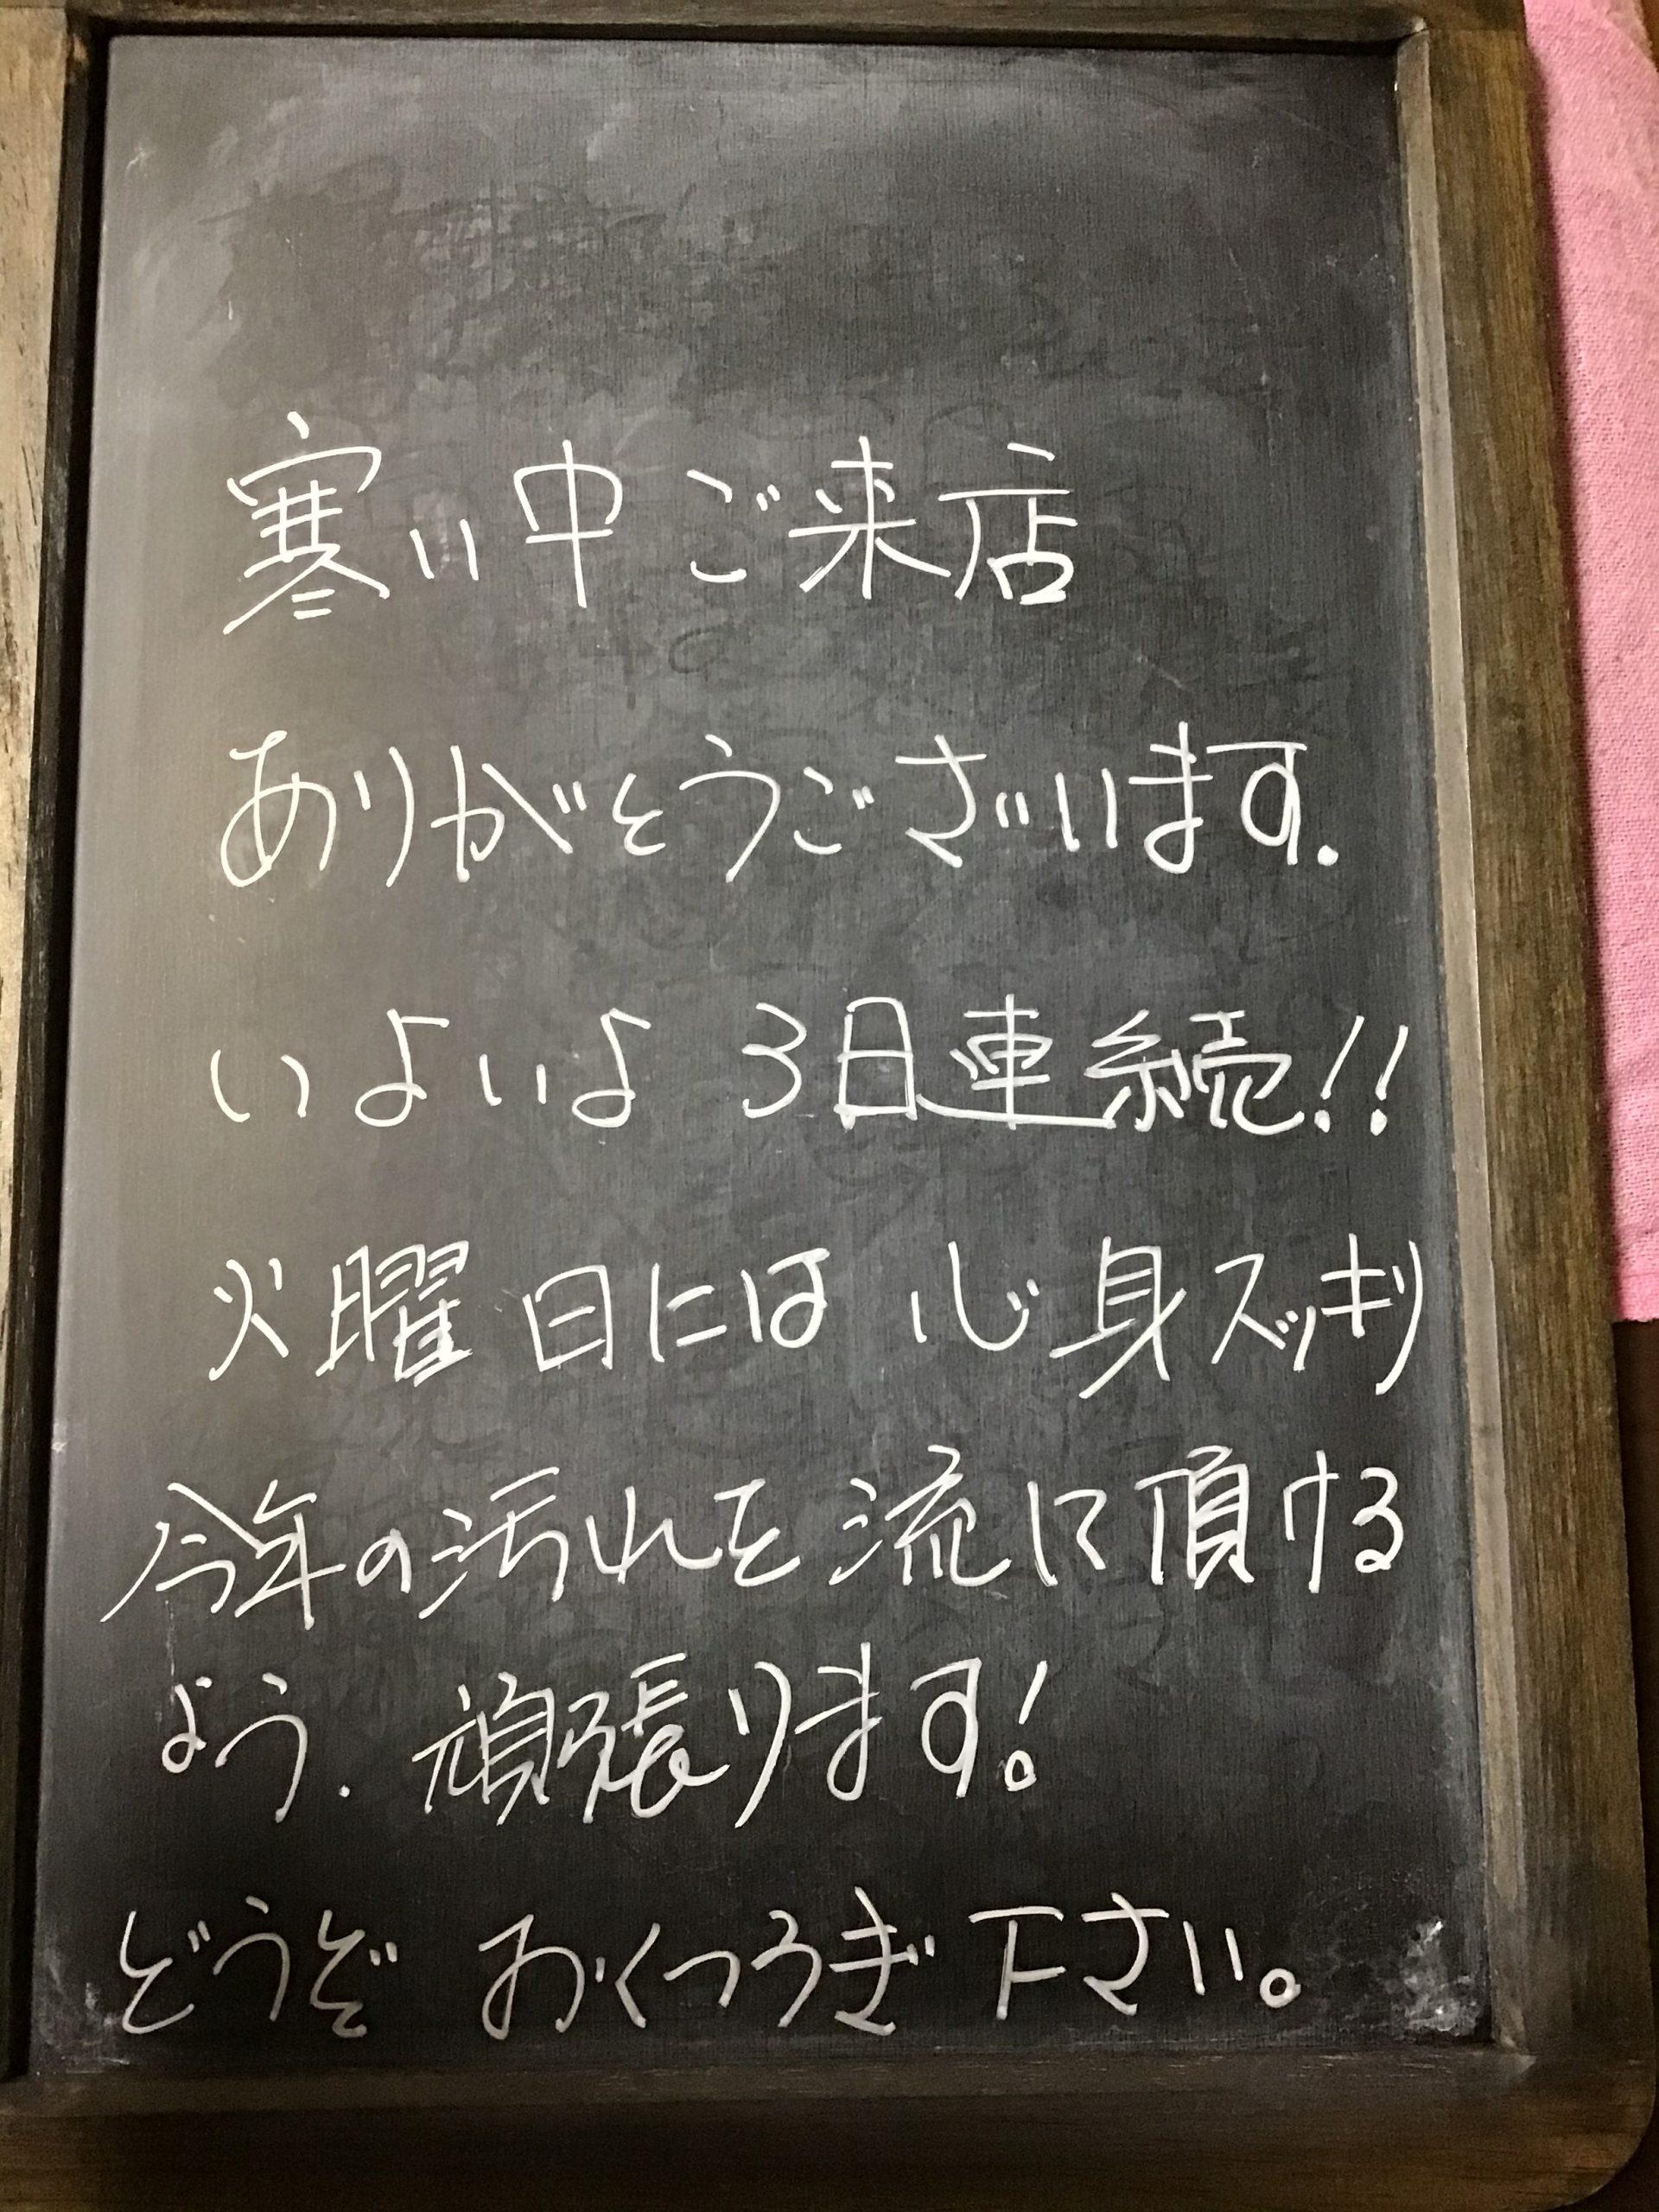 埼玉*浦和アーユルヴェーダサロンあーしゃんてぃ |完全個室対応